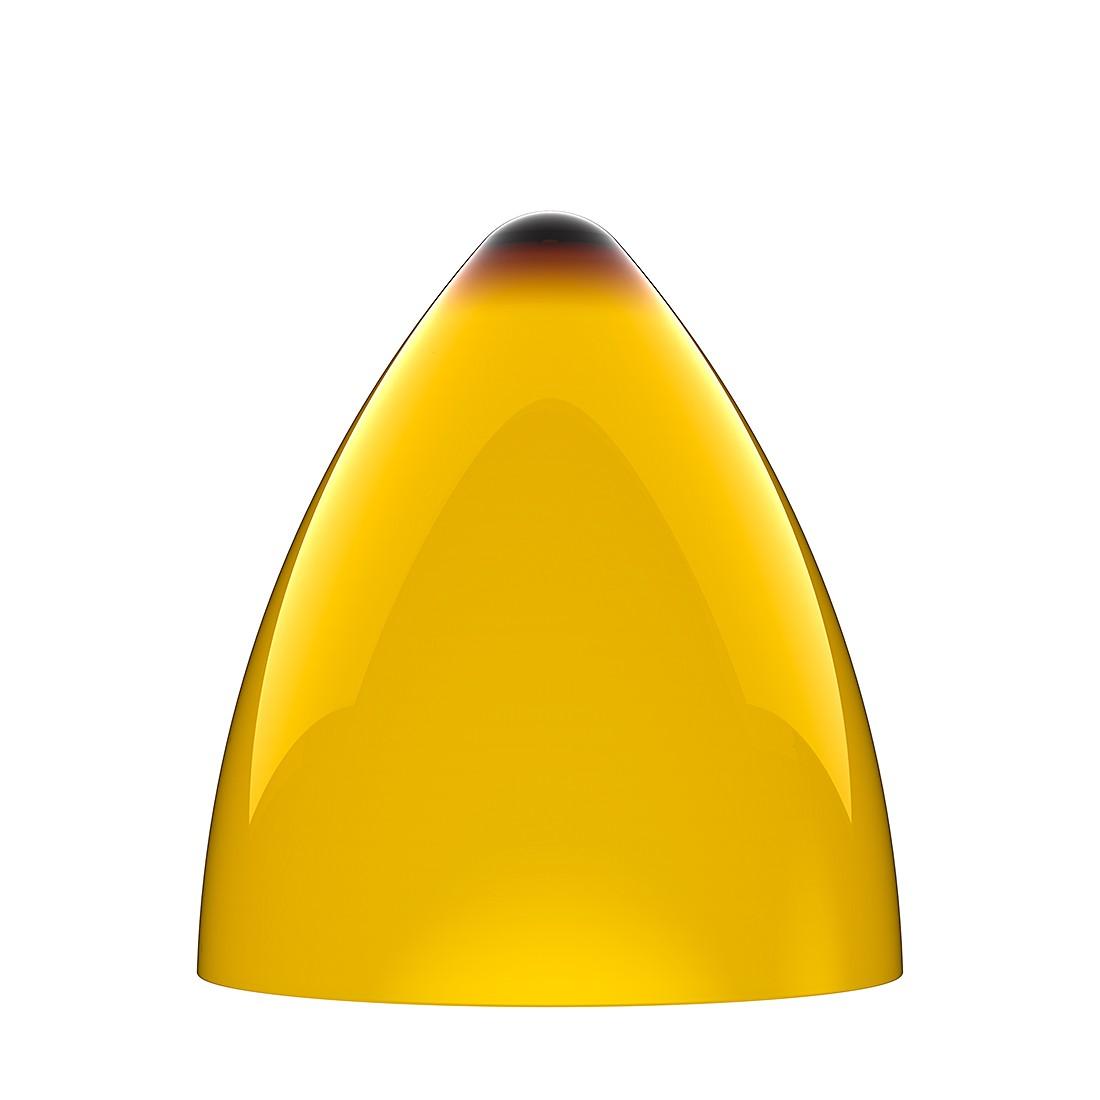 Leuchtschirm Funk ● Acryl Gelb ● Durchmesser 22cm- Nordlux